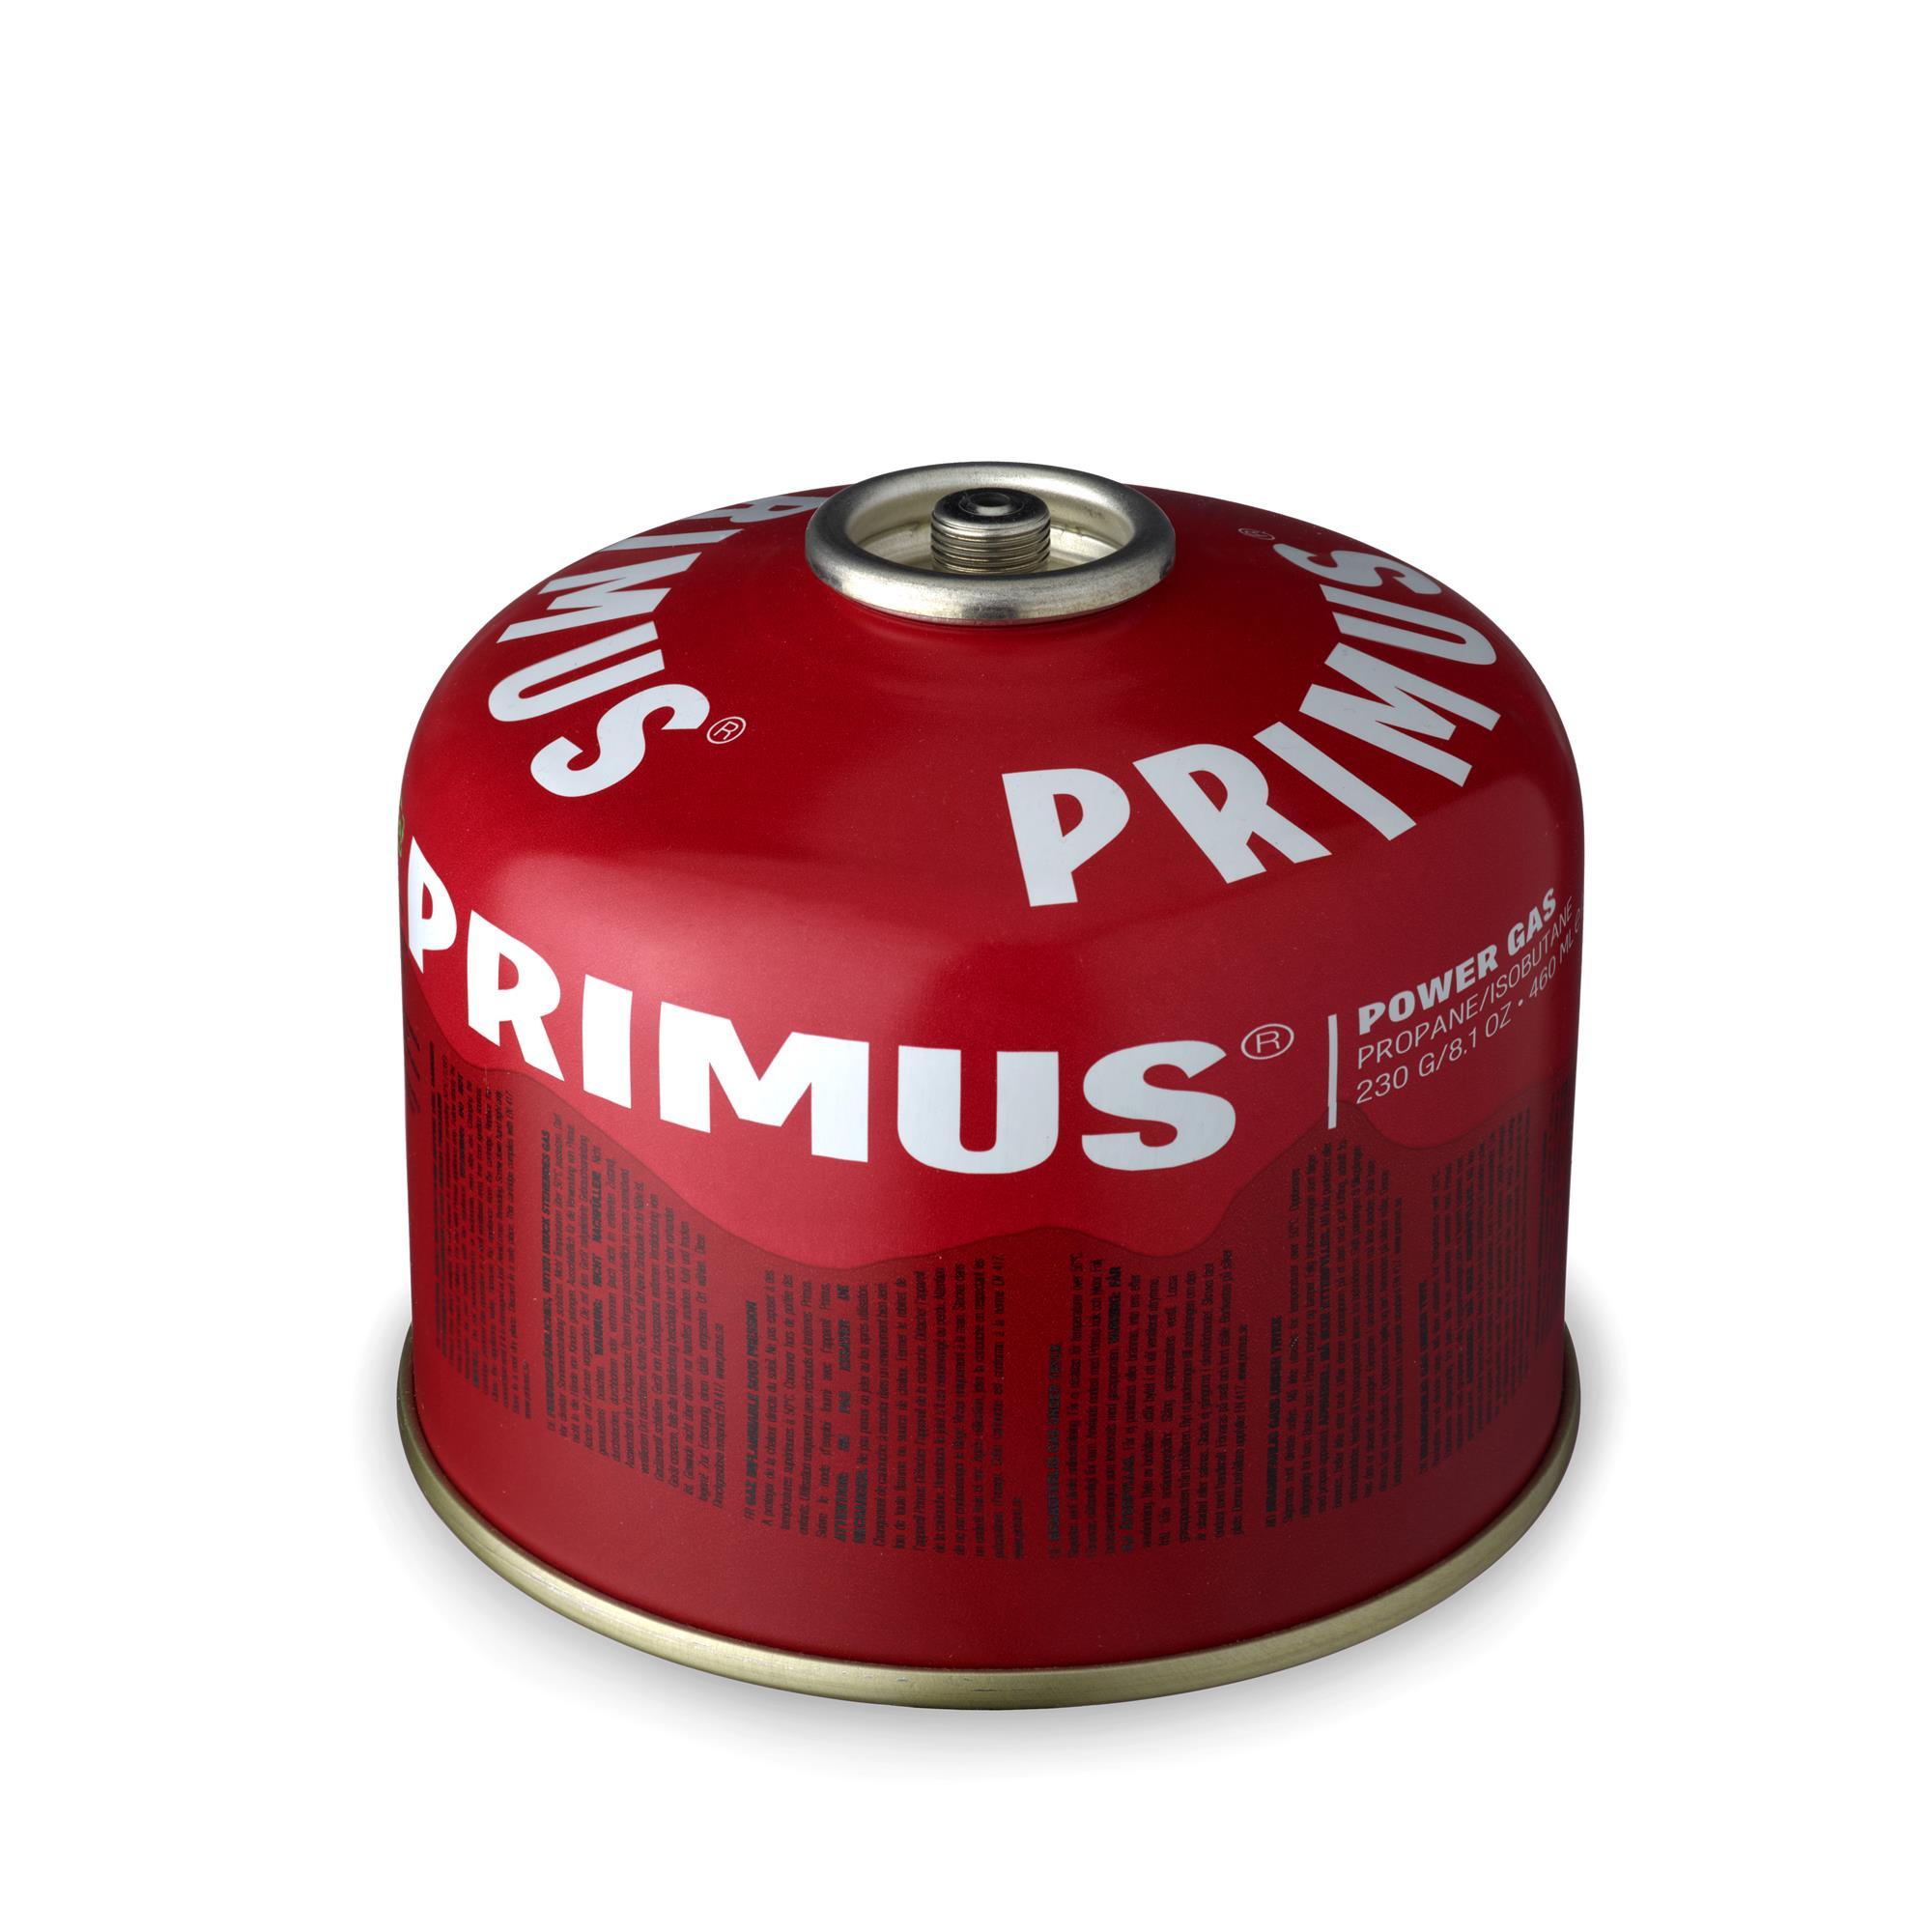 Primus Power Gas Ventilgaskartusche 450 g